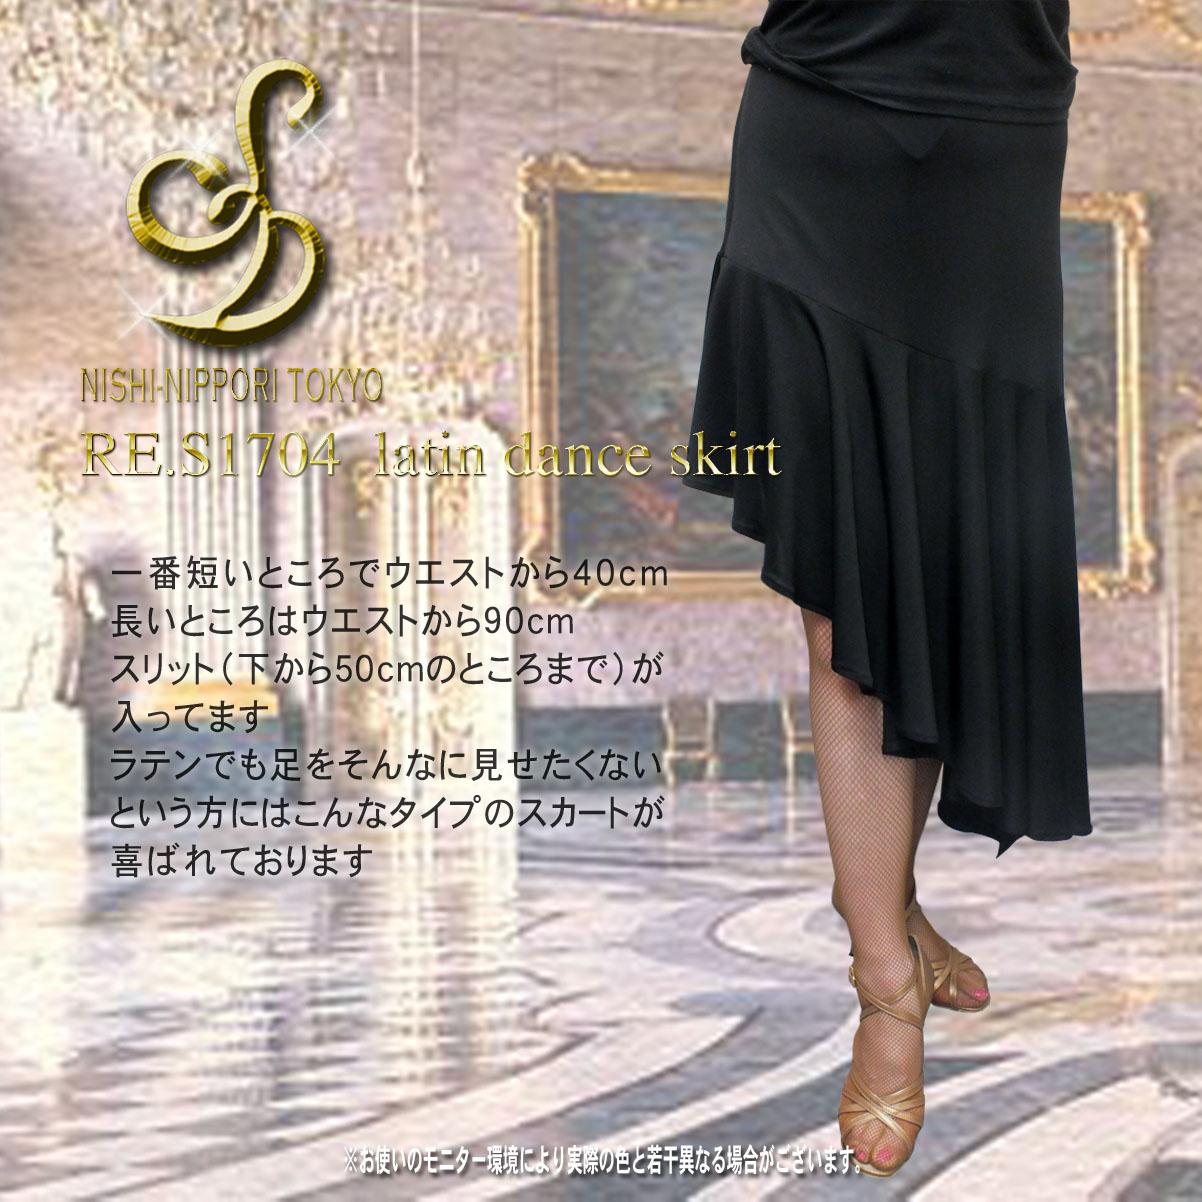 RE_S1704 ラテンスカート001